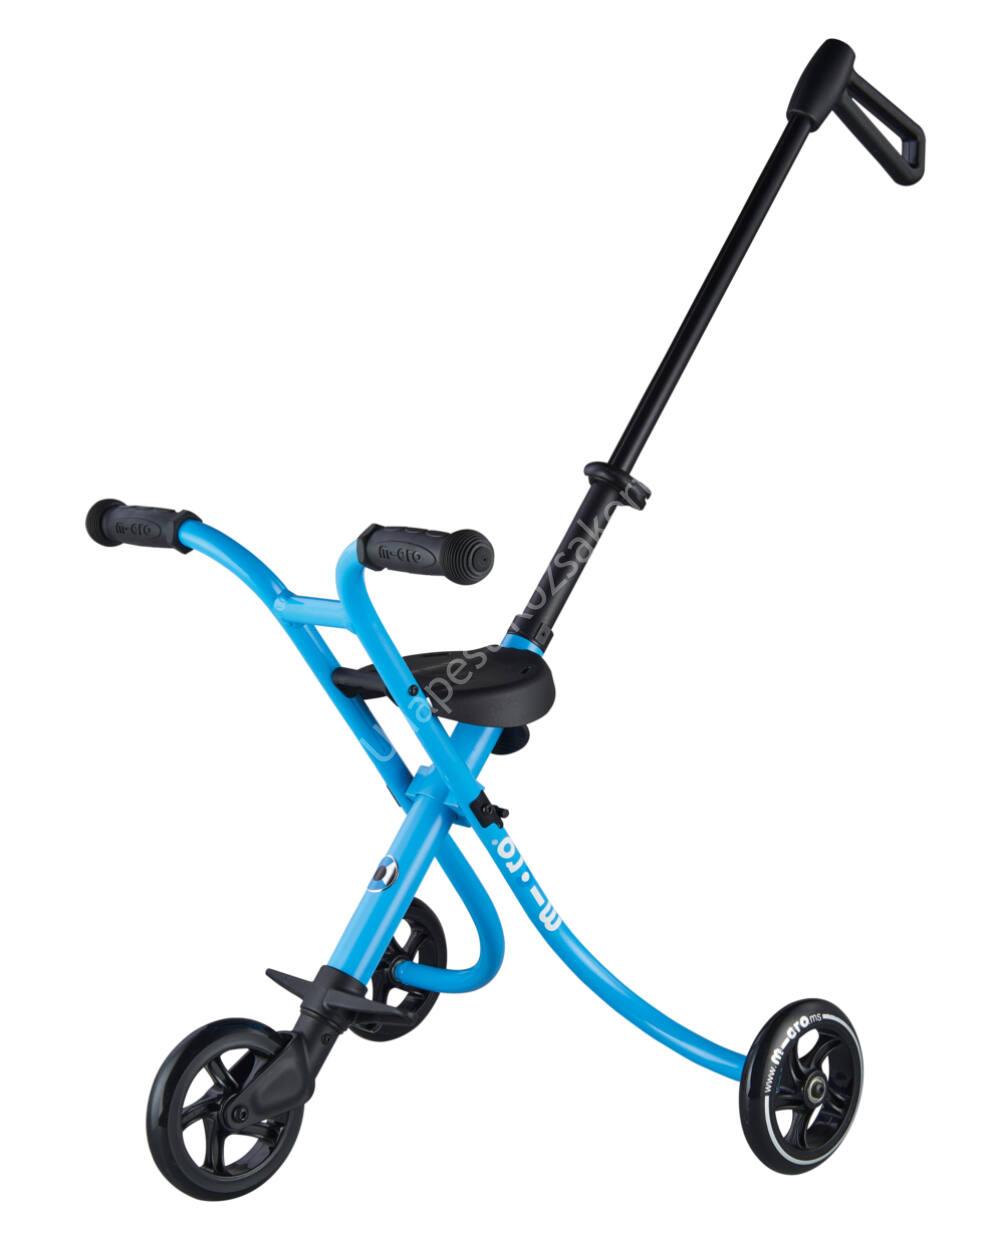 Micro Trike XL háromkerekű, tologatható tricikli, ice blue